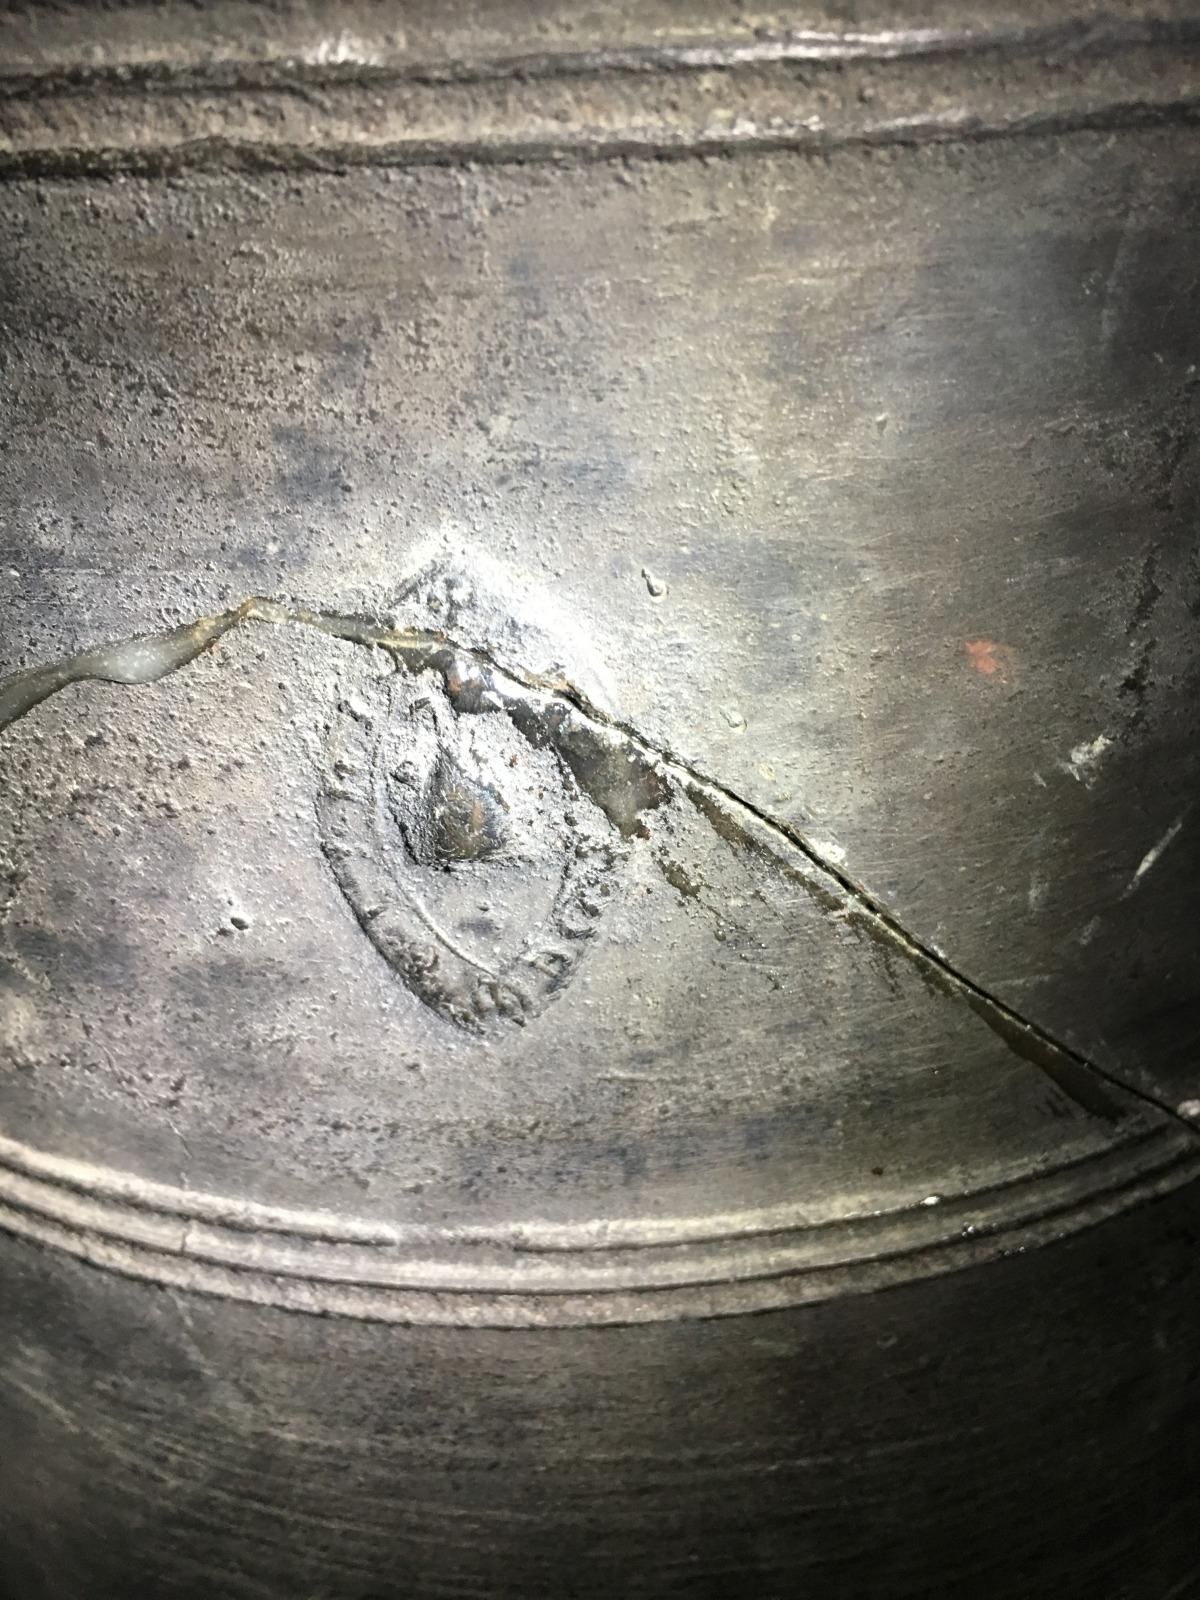 Detalls de la campana, amb l'esquerda que li travessa la panxa.